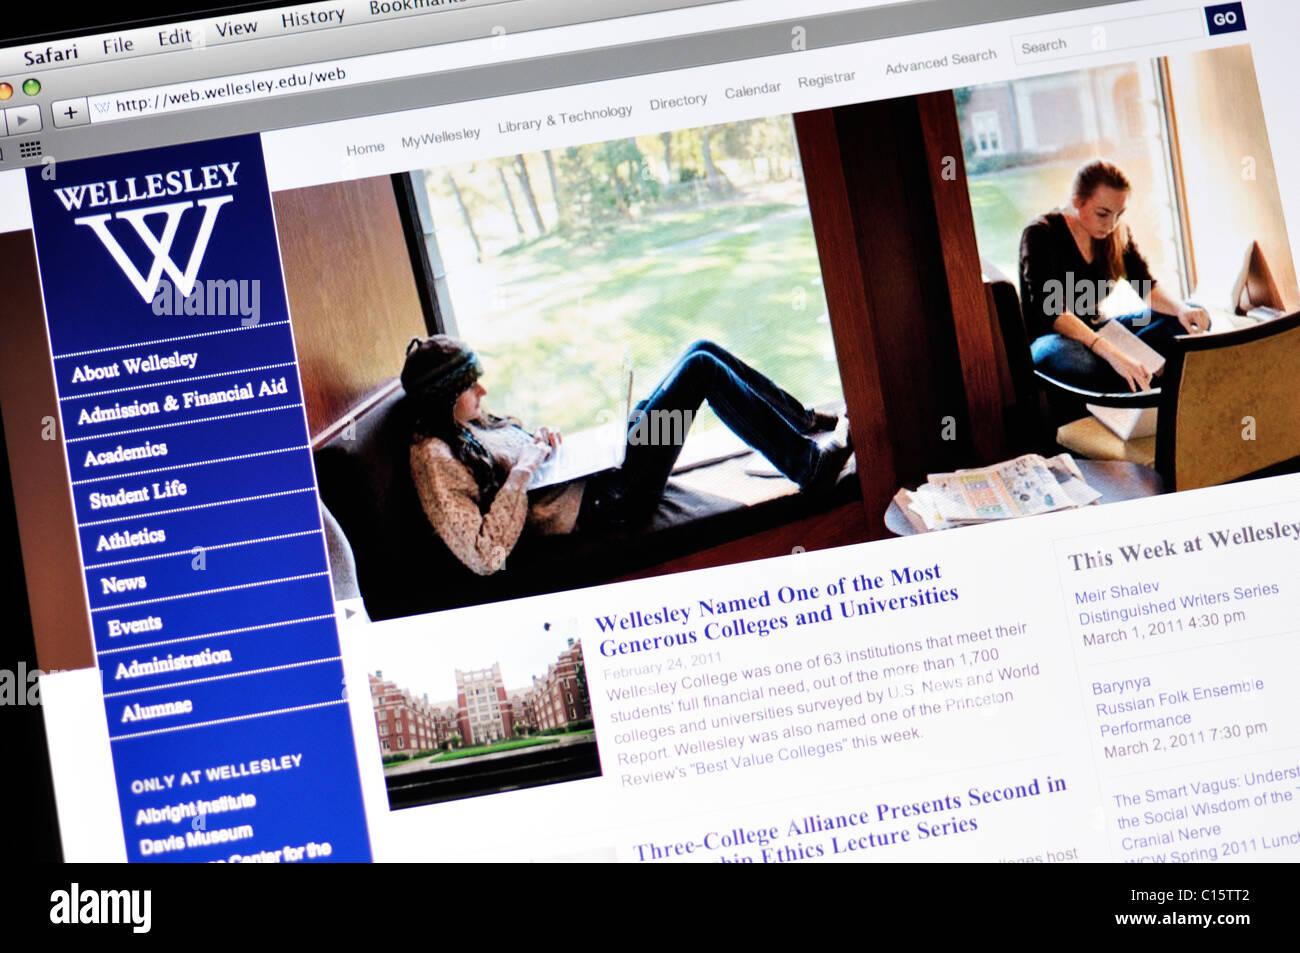 Wellesley College website - Stock Image